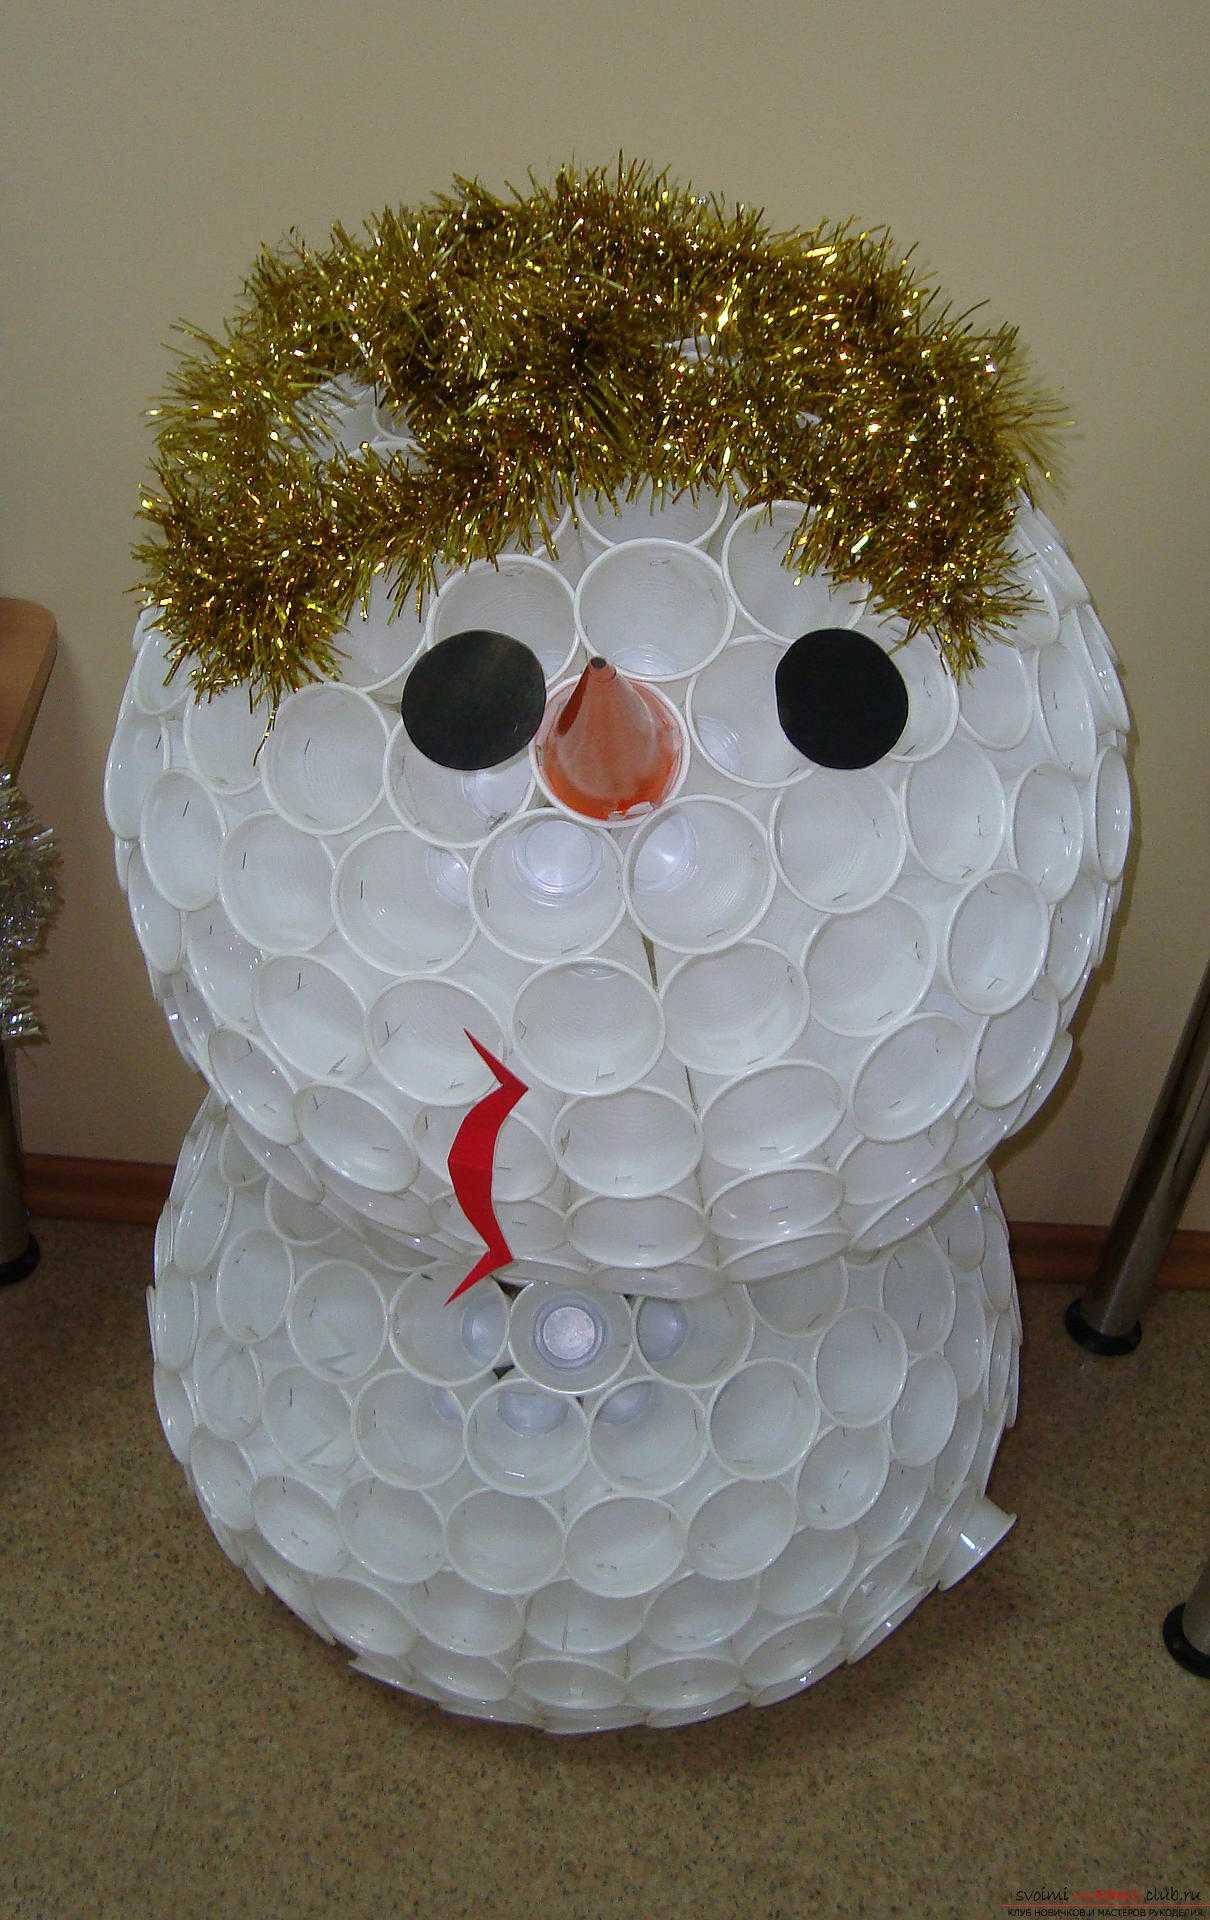 Снеговики своими руками (мастер-класс) - простая инструкция, как сделать красивого снеговика с необычным дизайном (фото + видео)